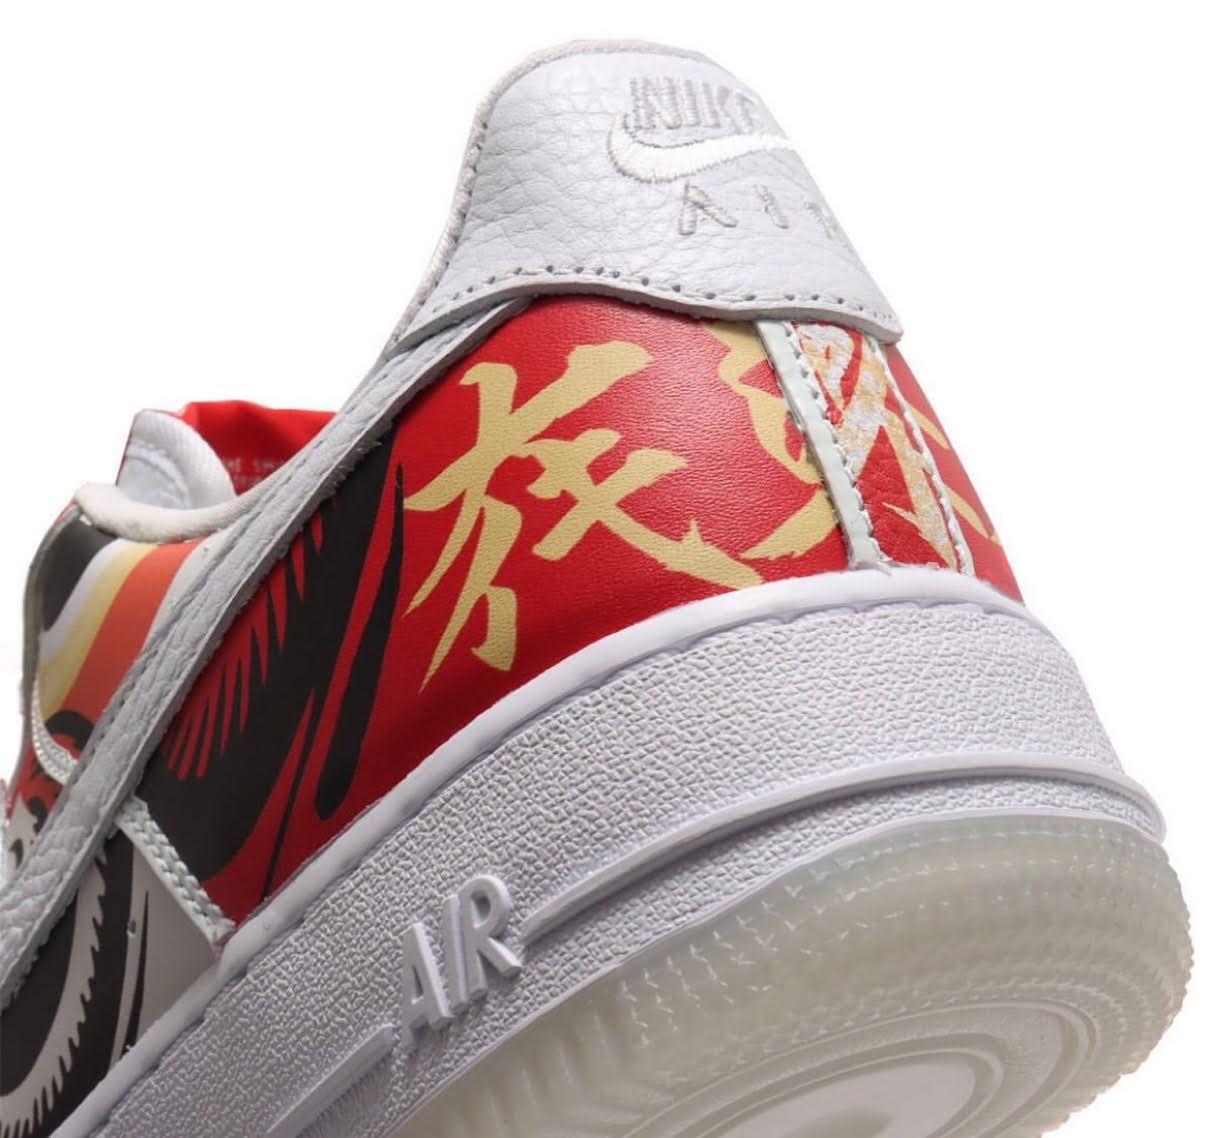 """Nike Air Force 1 Low """"I Believe DARUMA"""" / ナイキ エア フォース 1 ロー """"アイ ビリーブ 達磨"""" DD9941-100 detail back"""